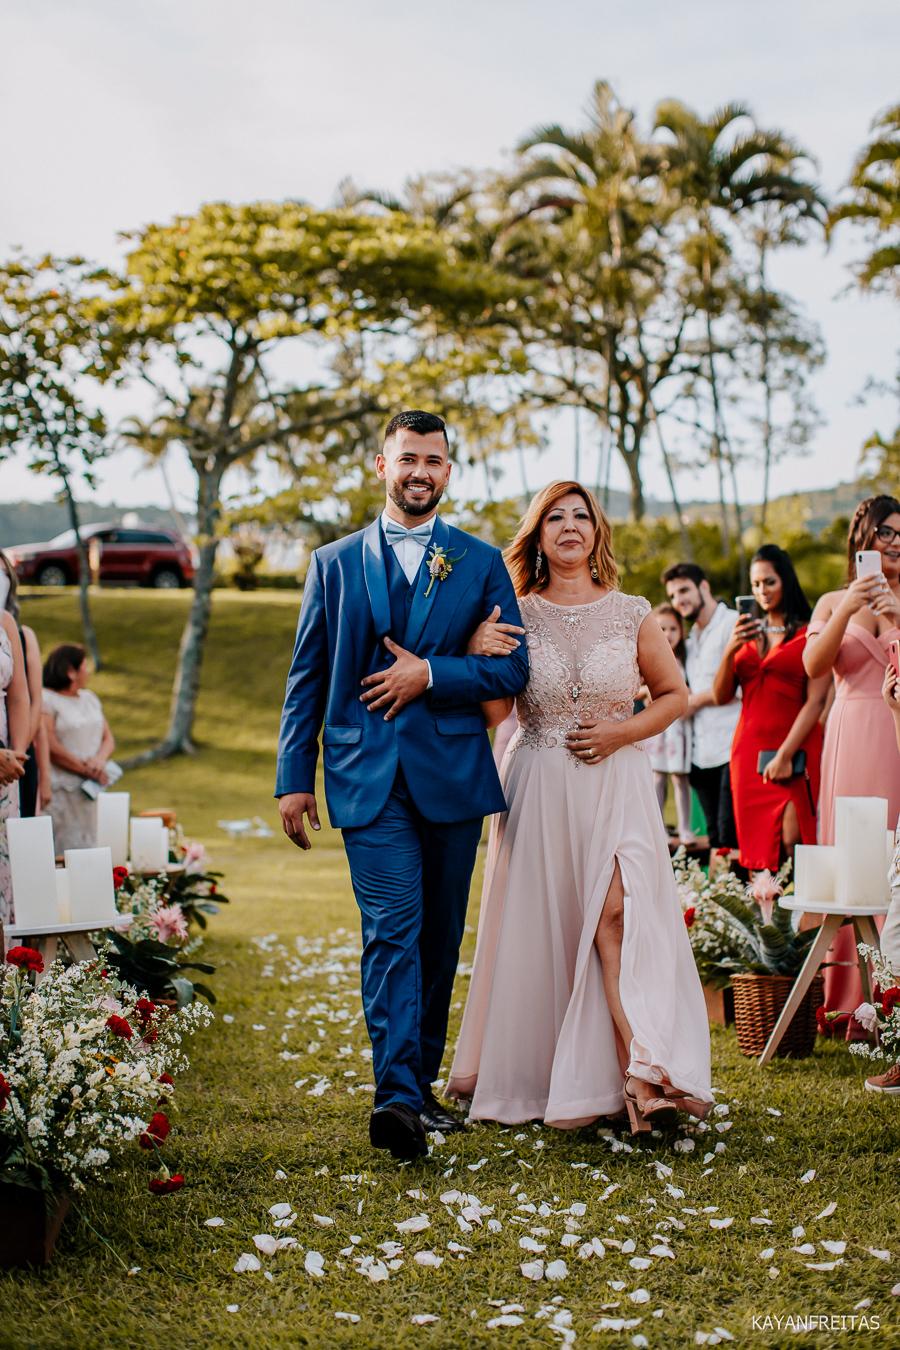 casamentodedia-lic-floripa-0055 Casamento de dia em Florianópolis - Pri e Guto